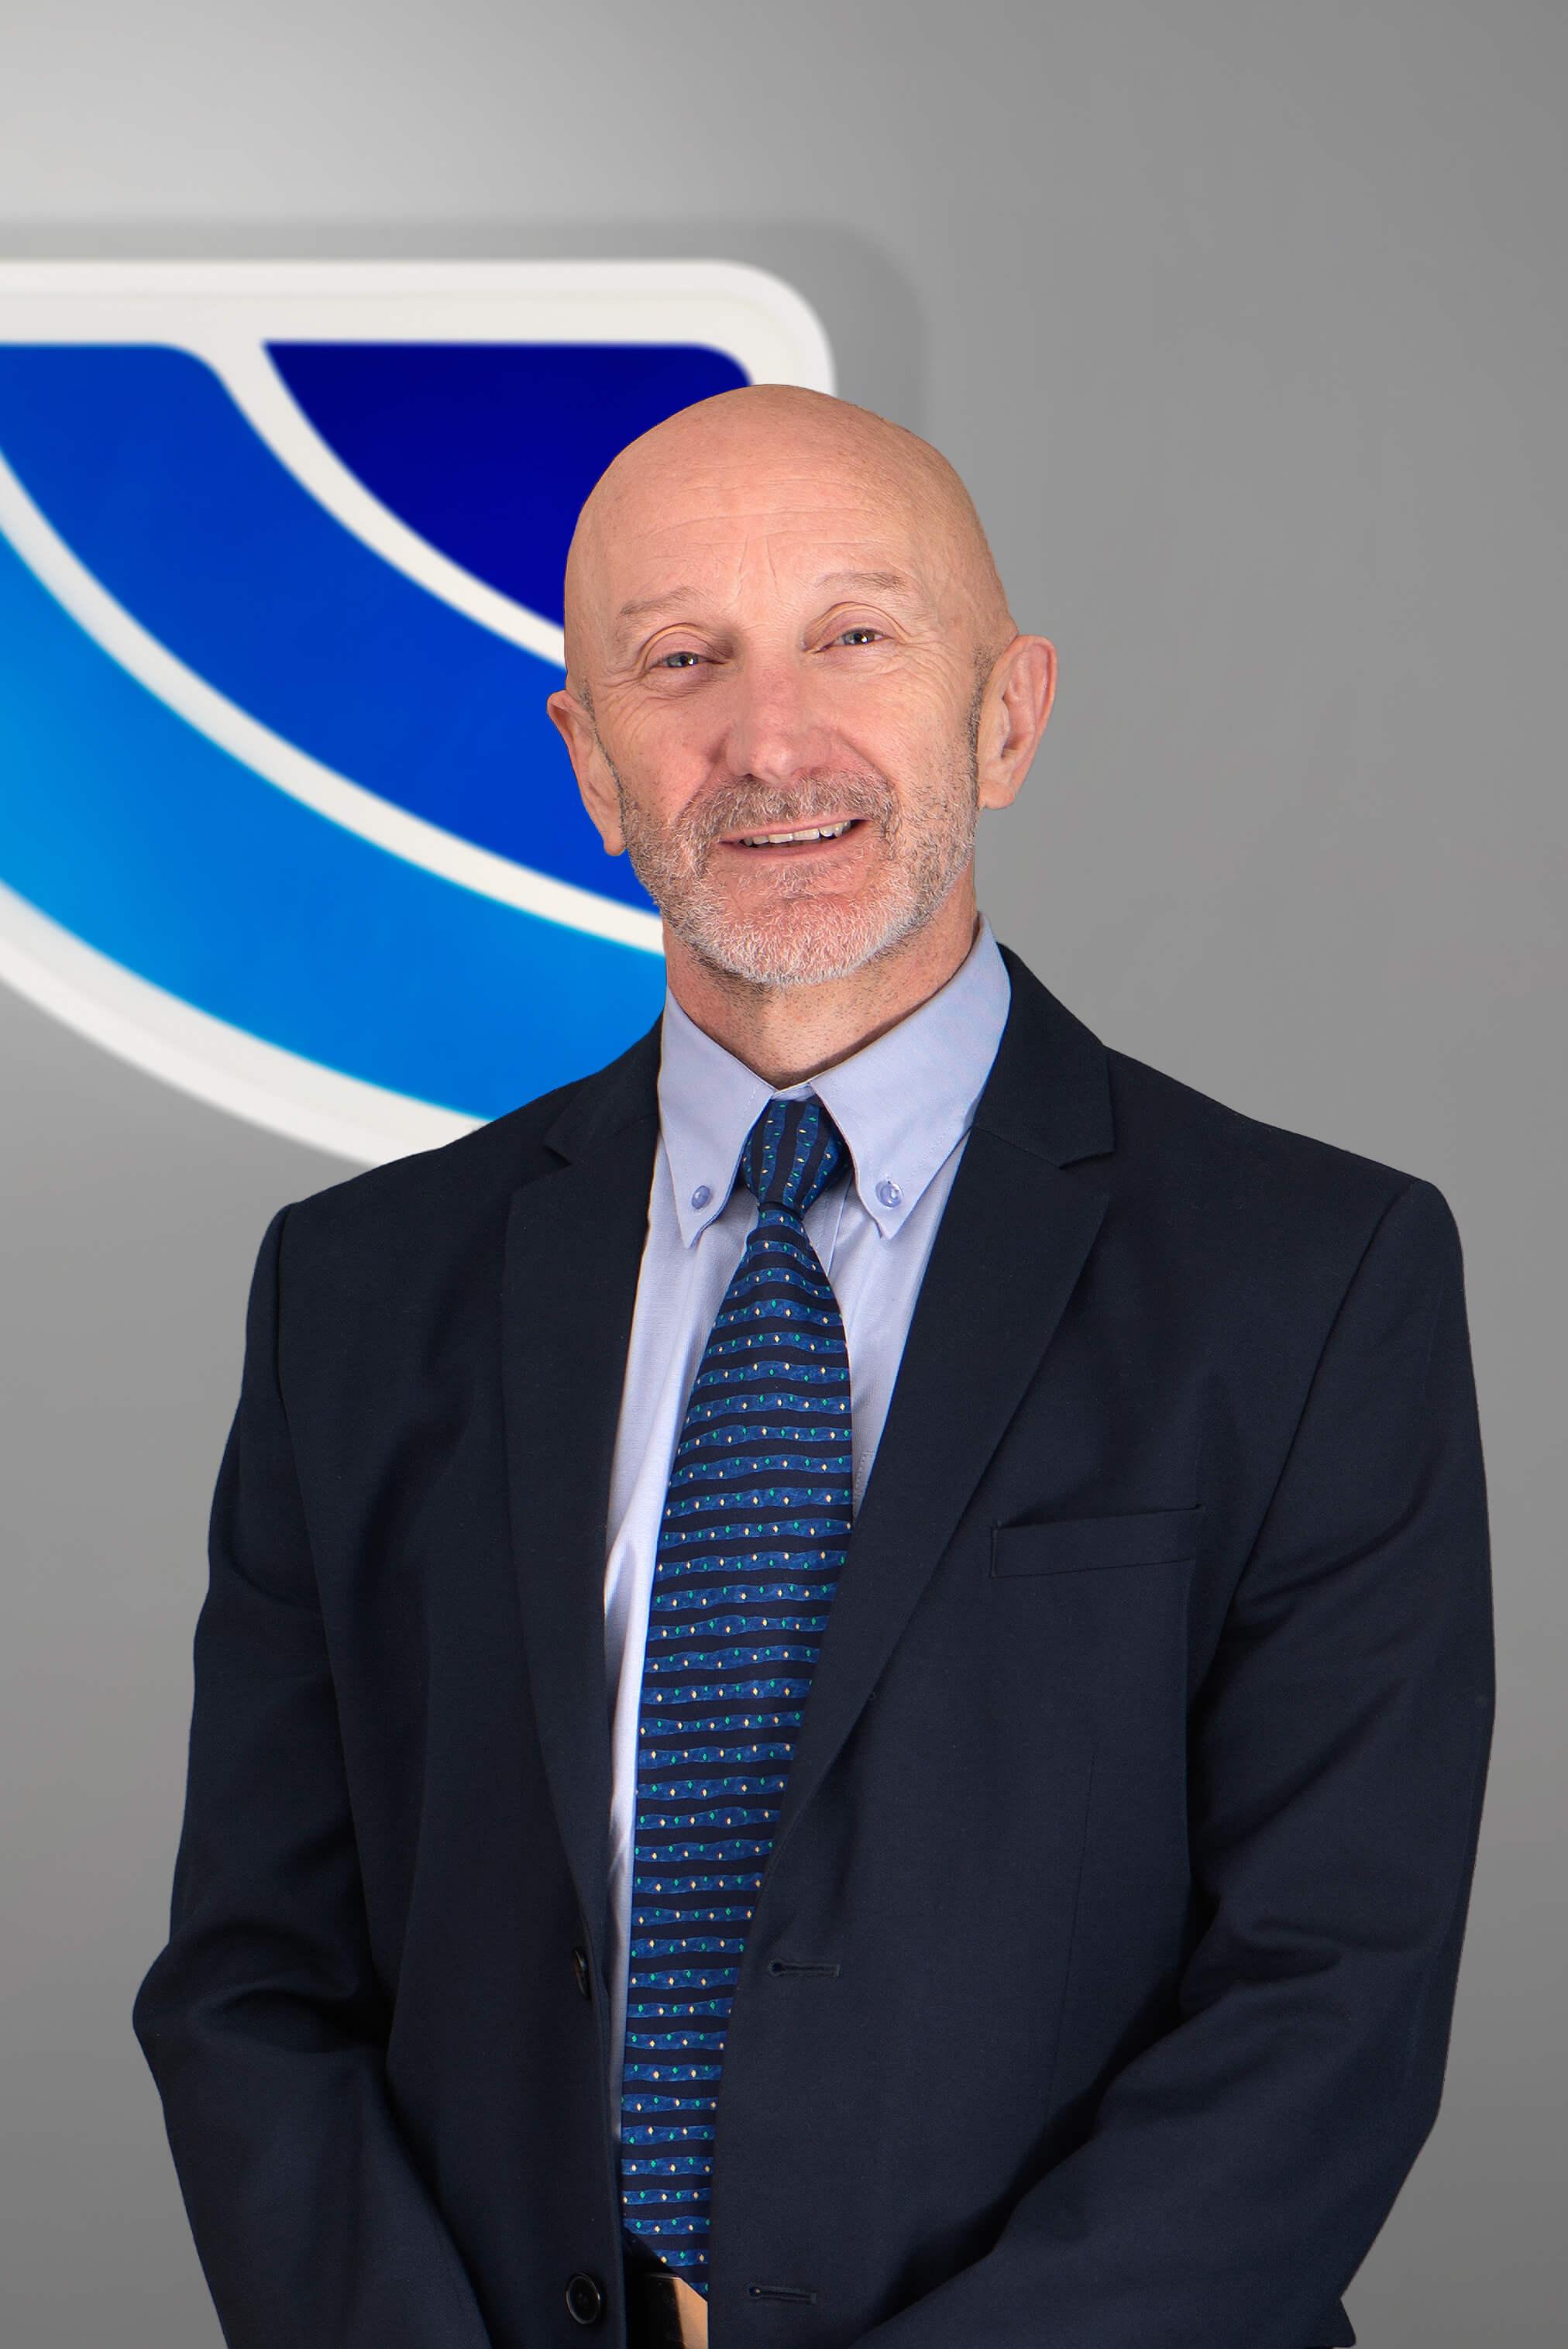 Geoff Storr